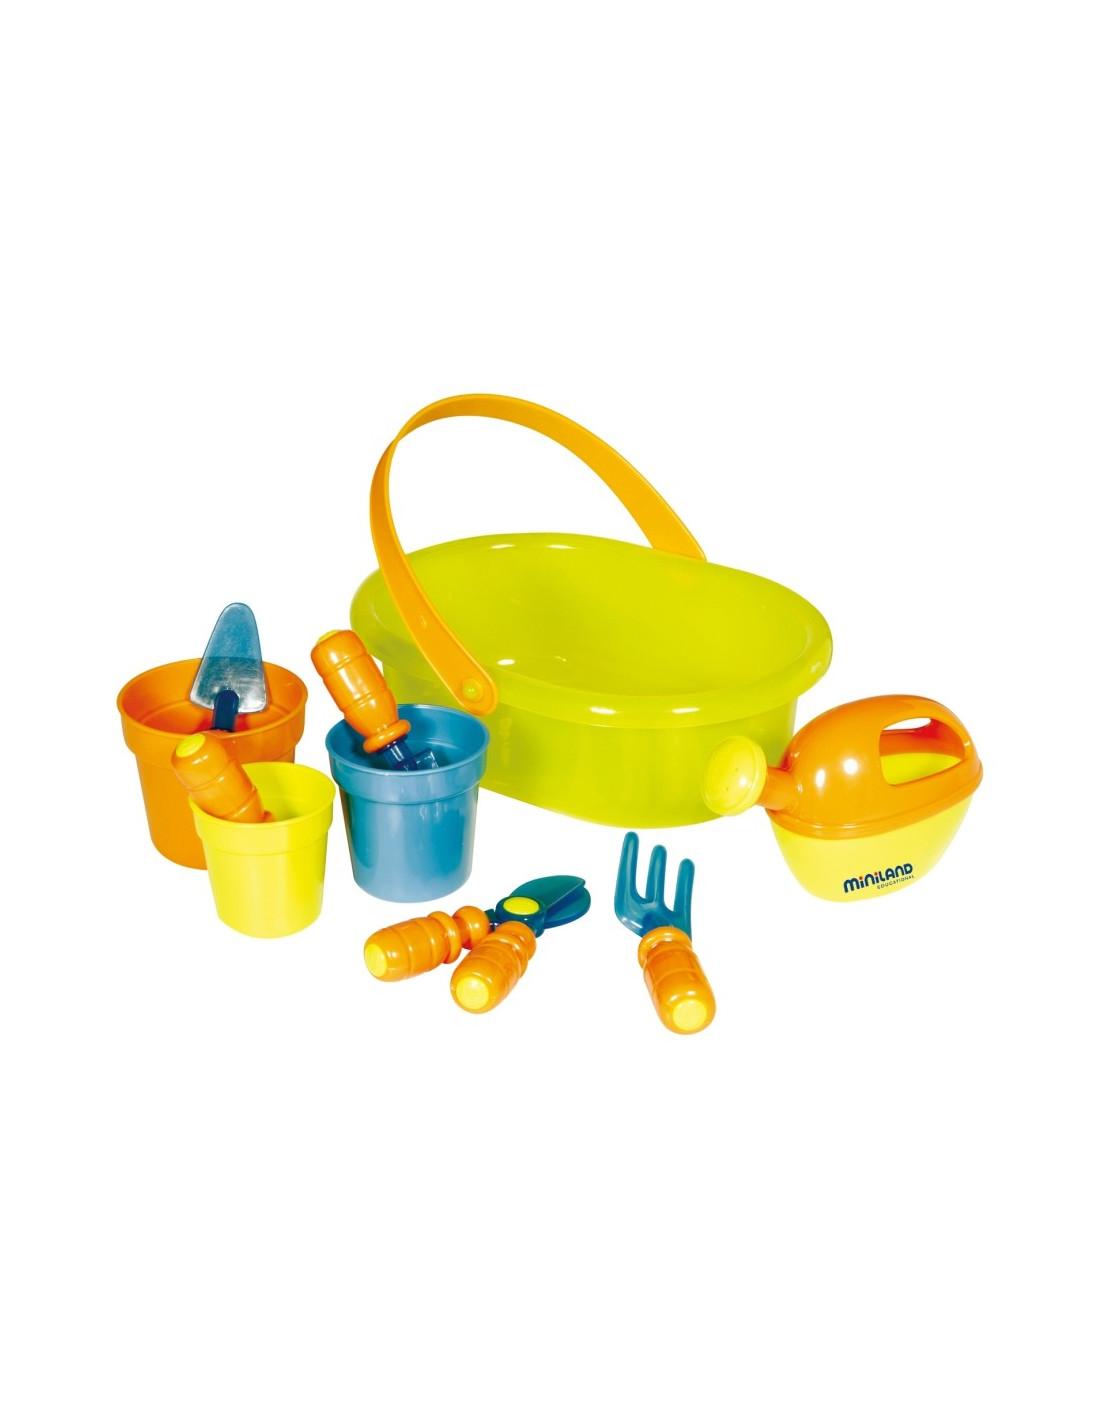 Kit de jardineria de juguete de miniland for Herramientas jardineria ninos